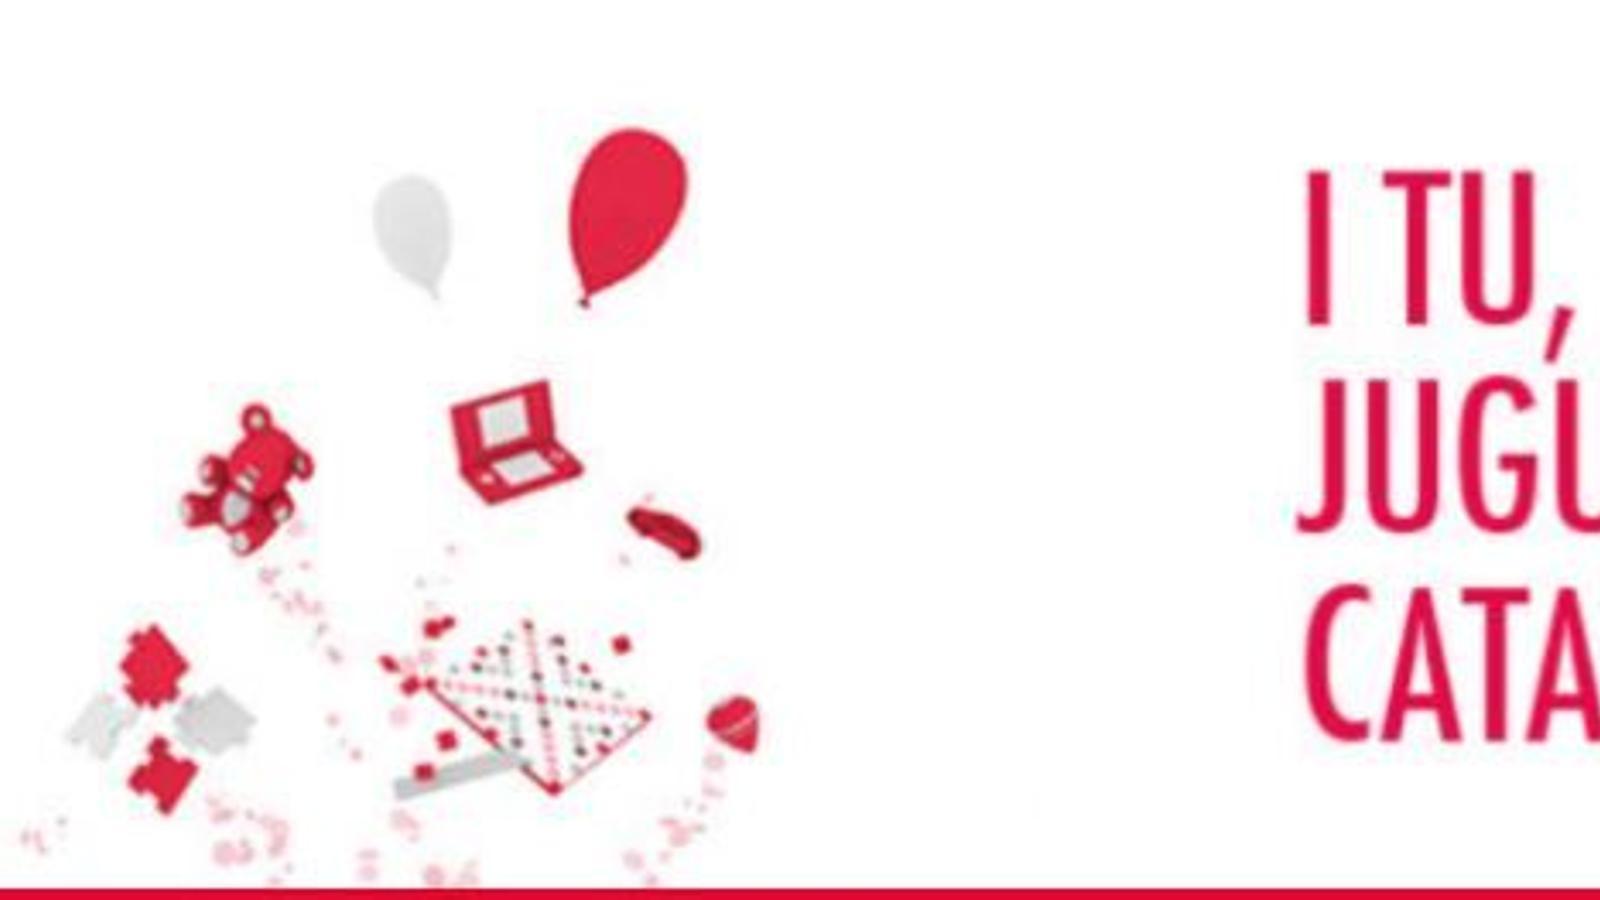 Logotip de la campanya 'I tu, jugues en català?'